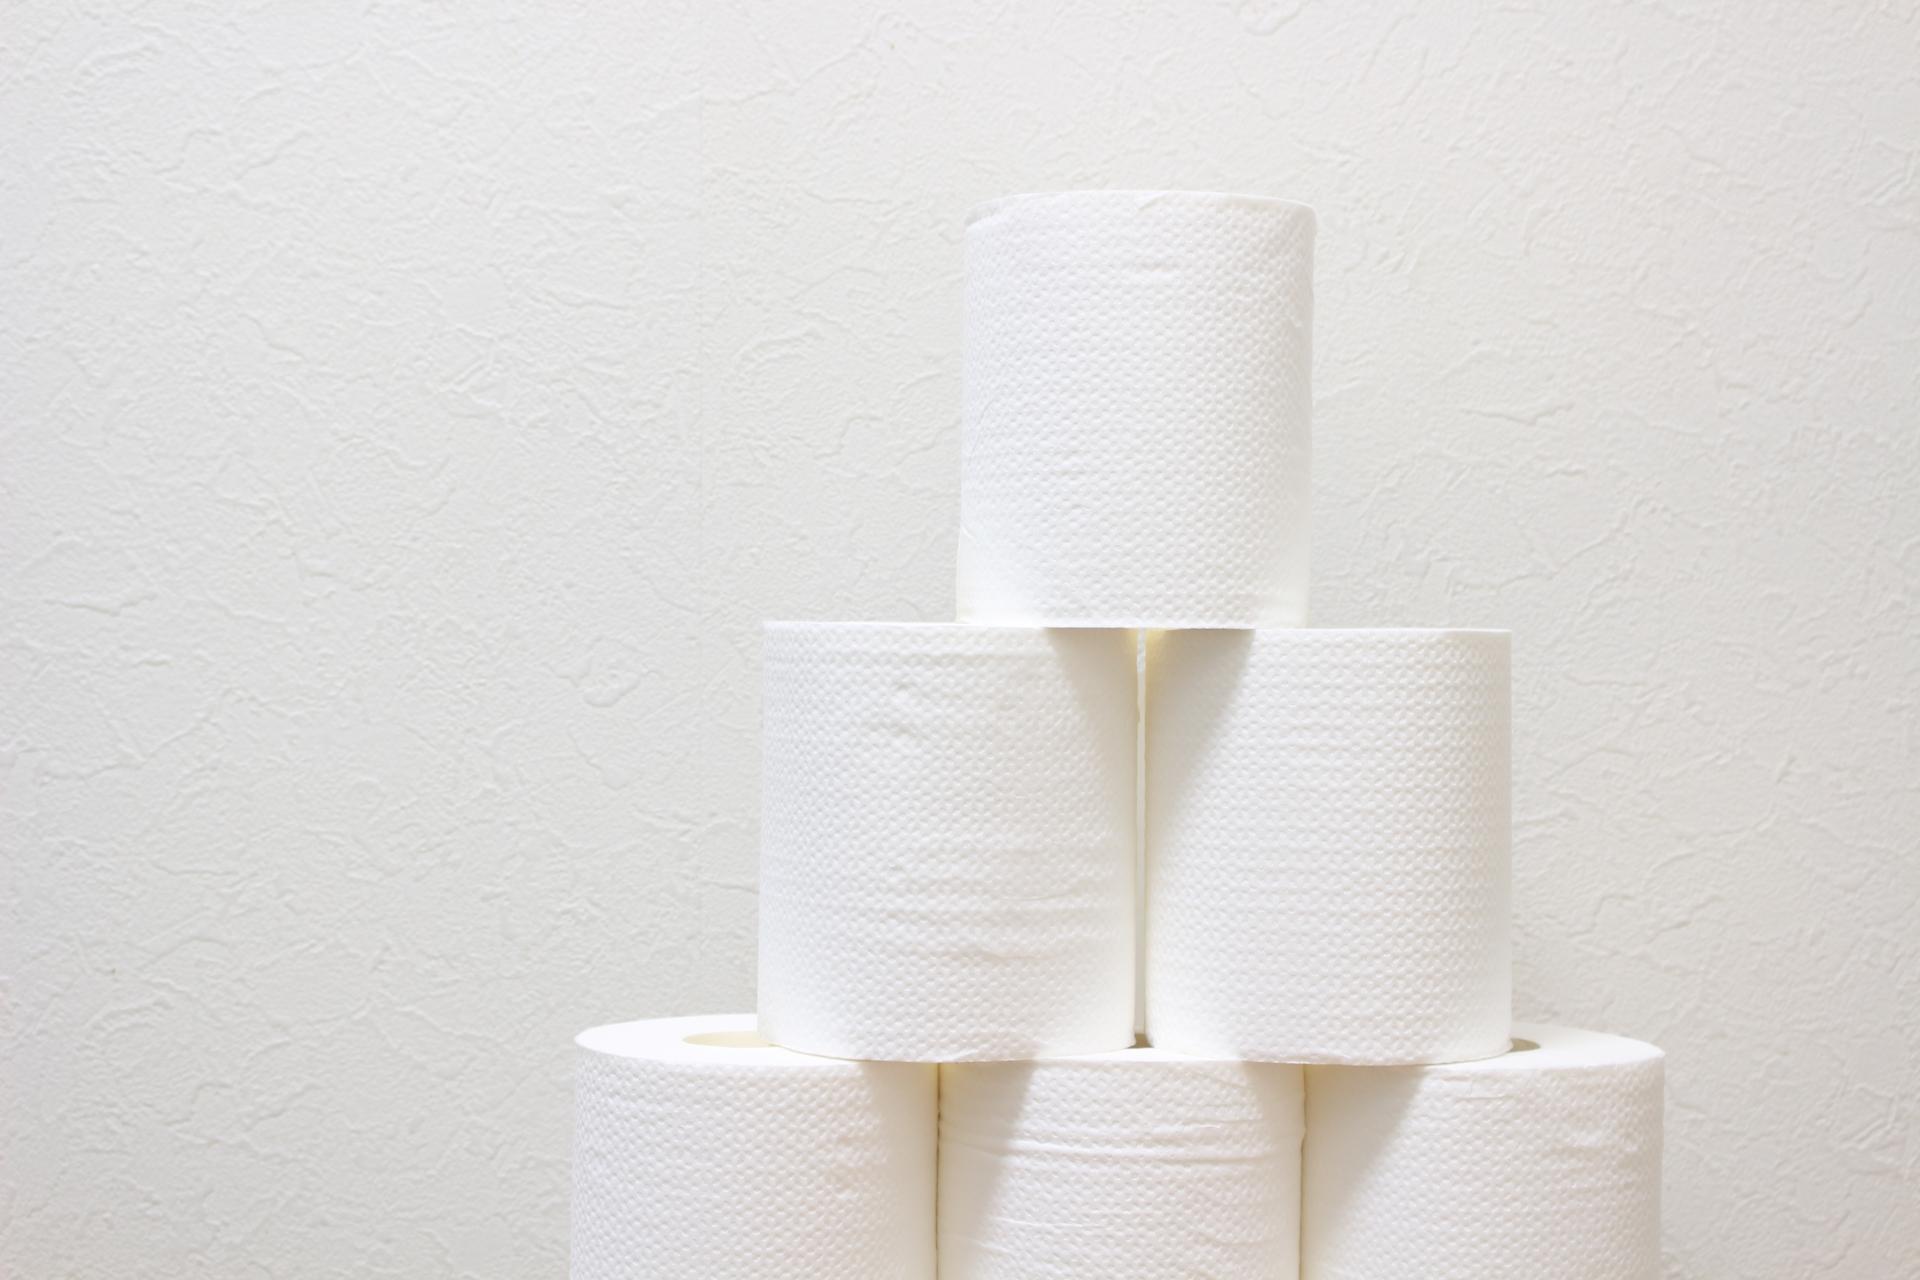 トイレットペーパーのおすすめ4選&選び方【コスパ&やわらかさ】